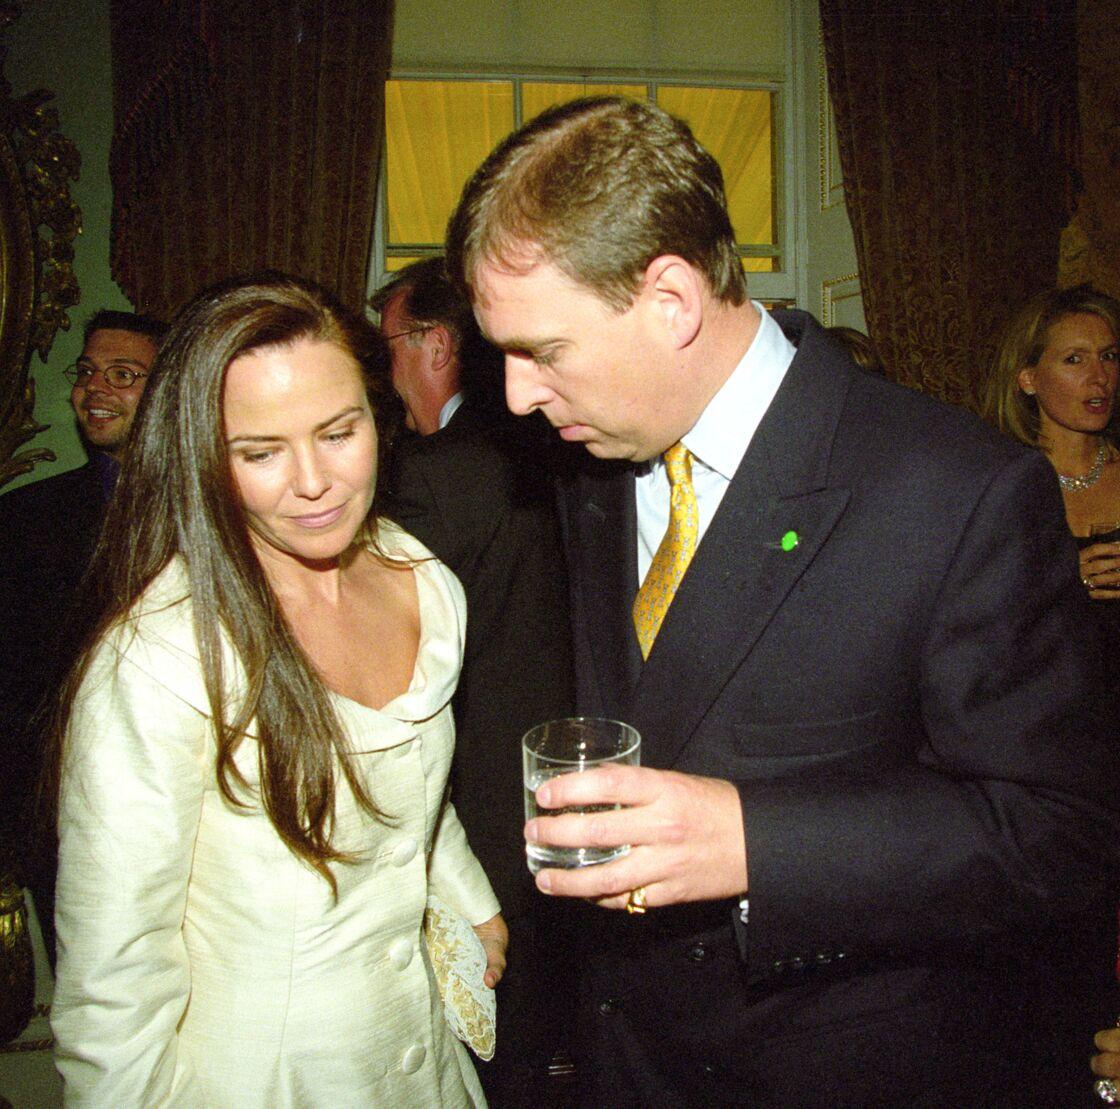 En 2020, des natifs du Verseau seront privés de leur fête anniversaire, à commencer par le prince Andrew... dans Calomnie